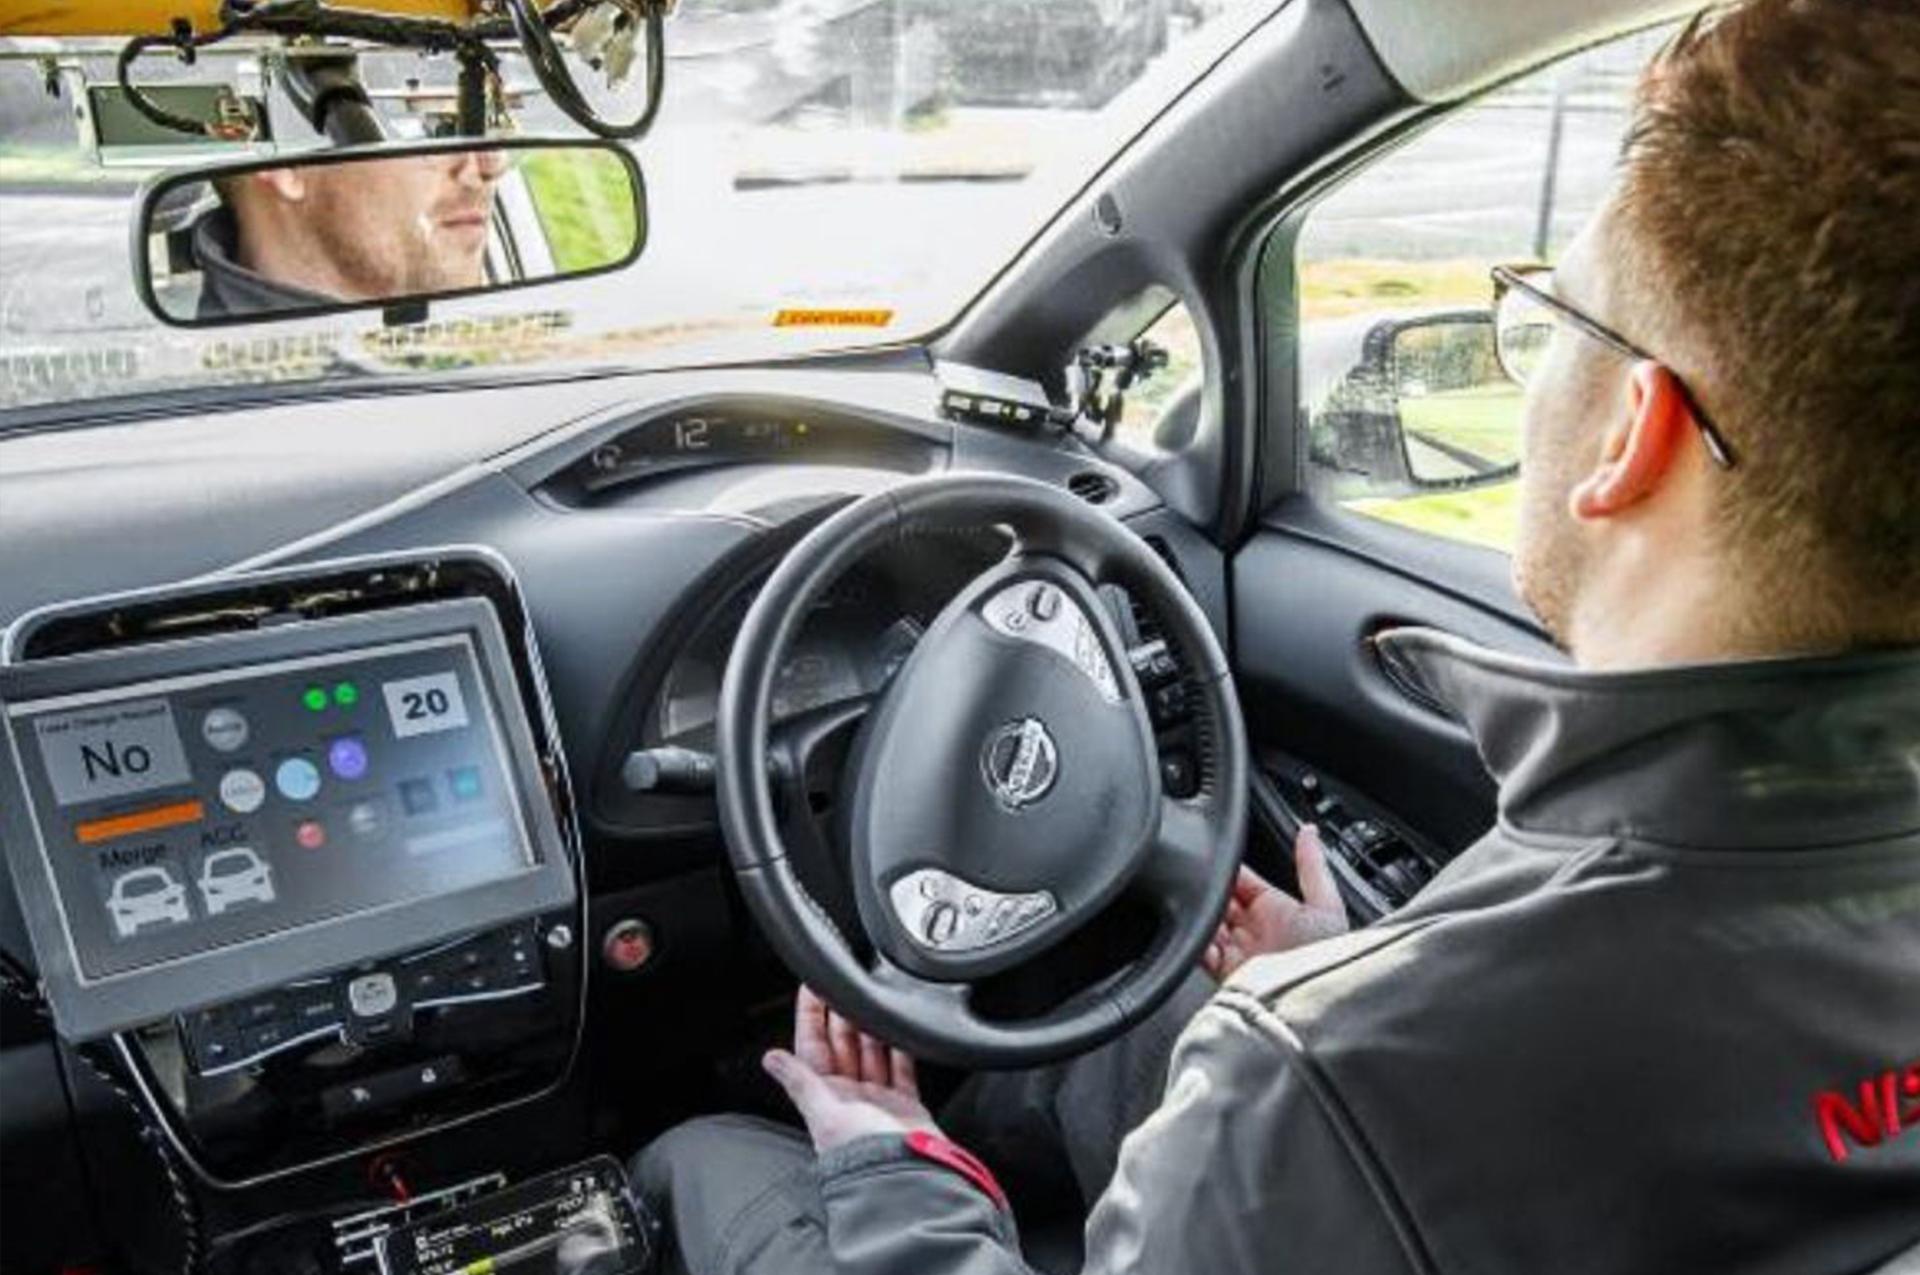 Equipaggiamento guida autonoma